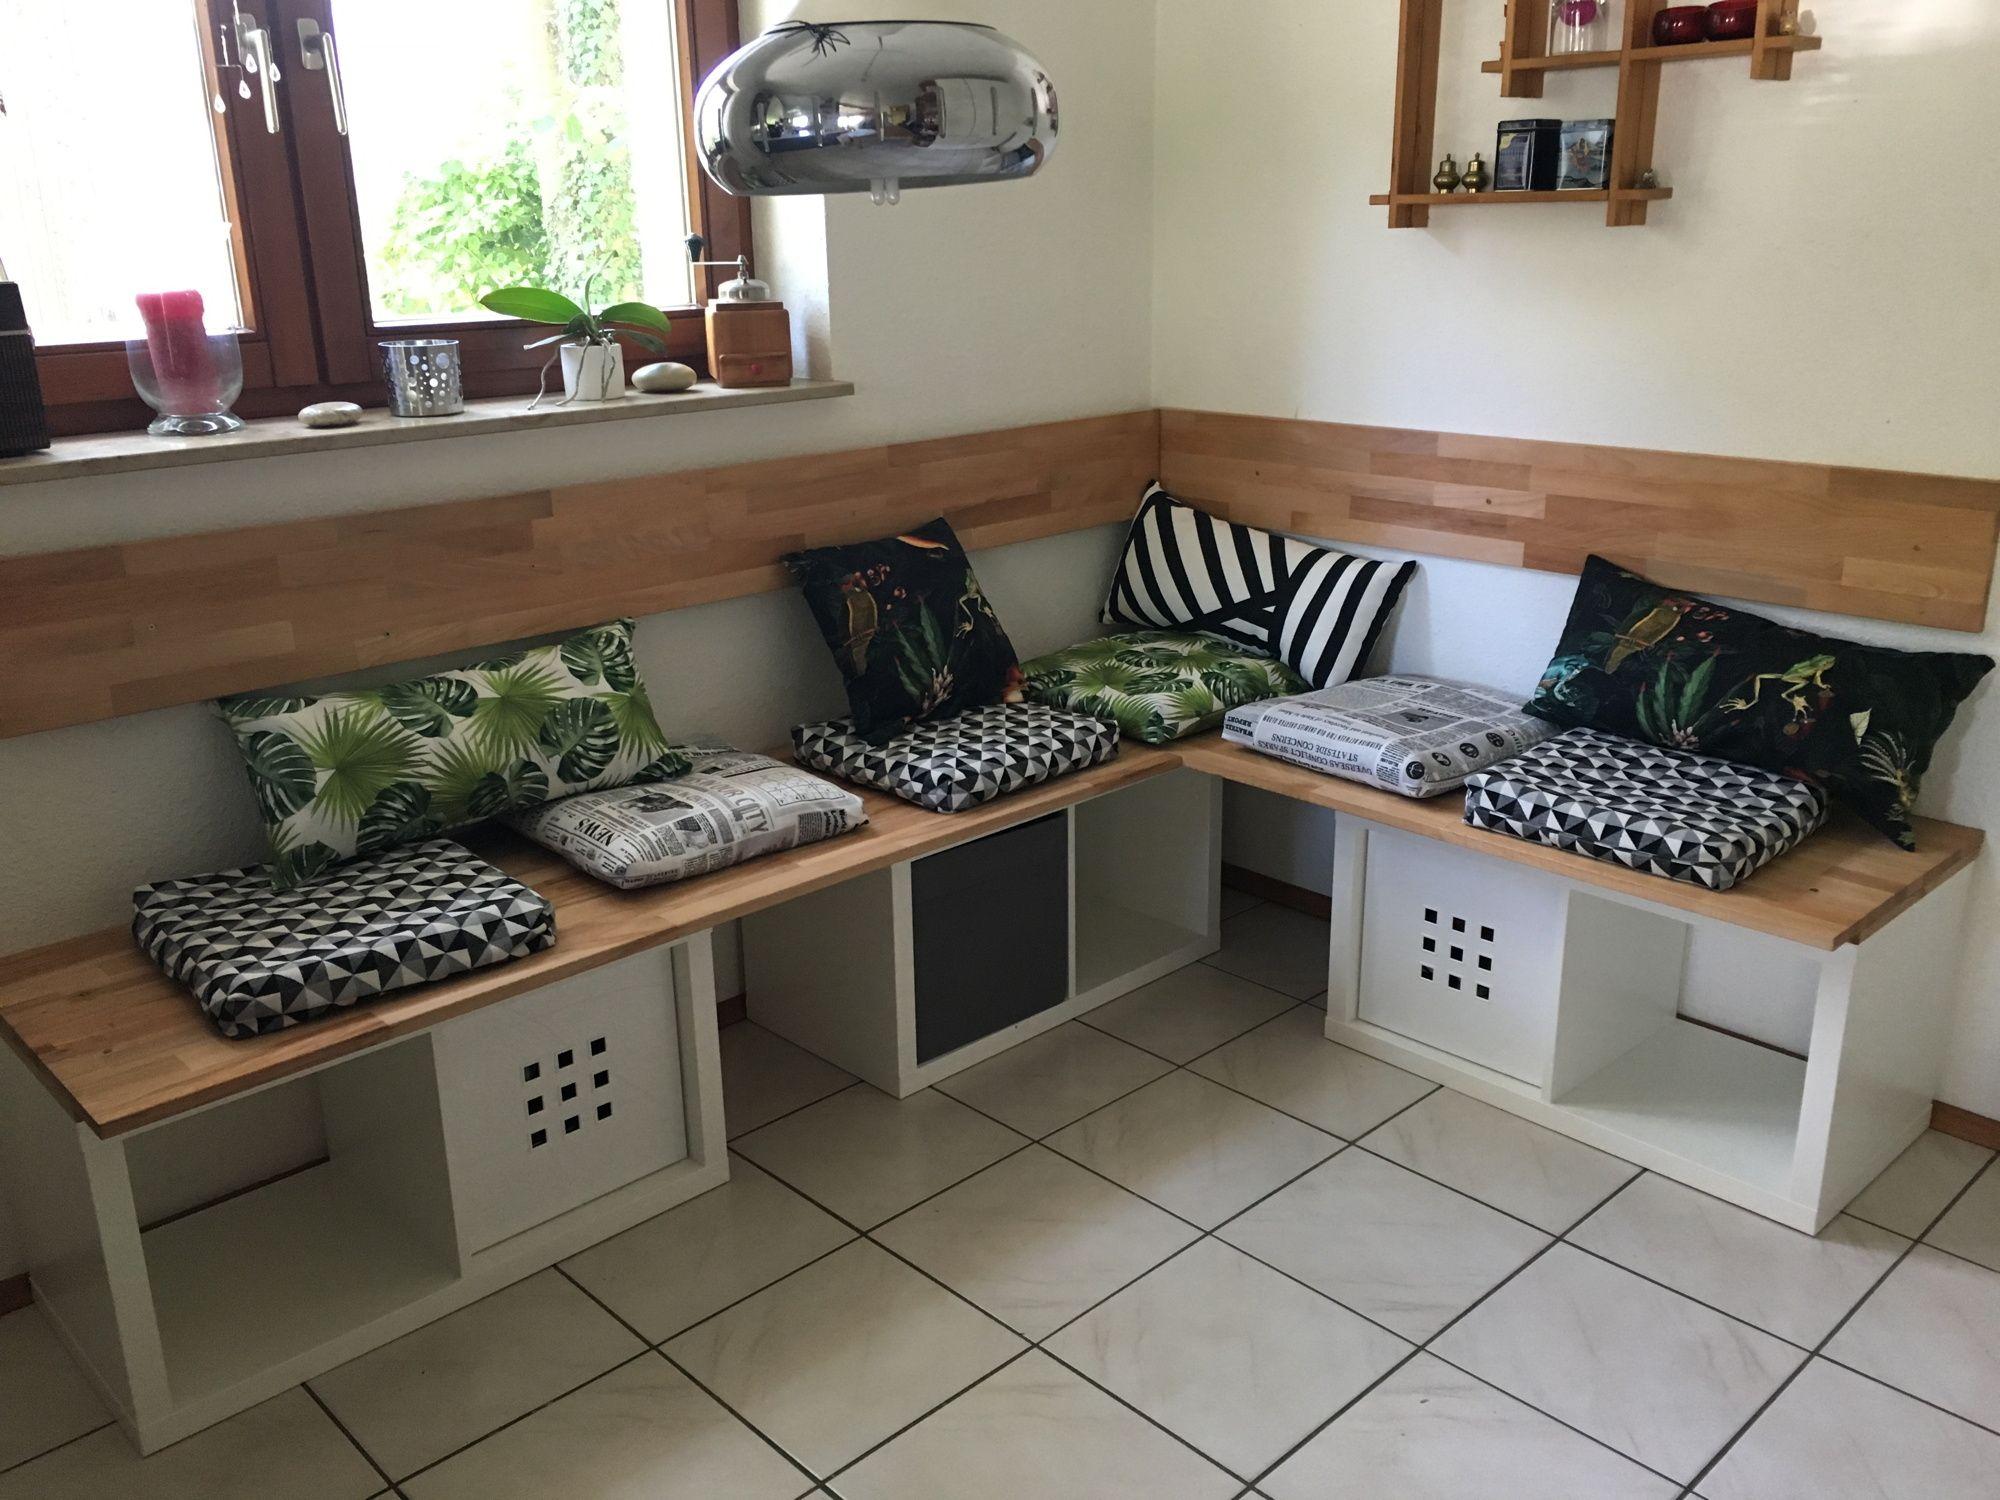 Full Size of Eckbank Ikea Mit Kallagebaut Bildern Modulküche Miniküche Sofa Schlaffunktion Küche Kaufen Betten Bei Garten Kosten 160x200 Wohnzimmer Eckbank Ikea